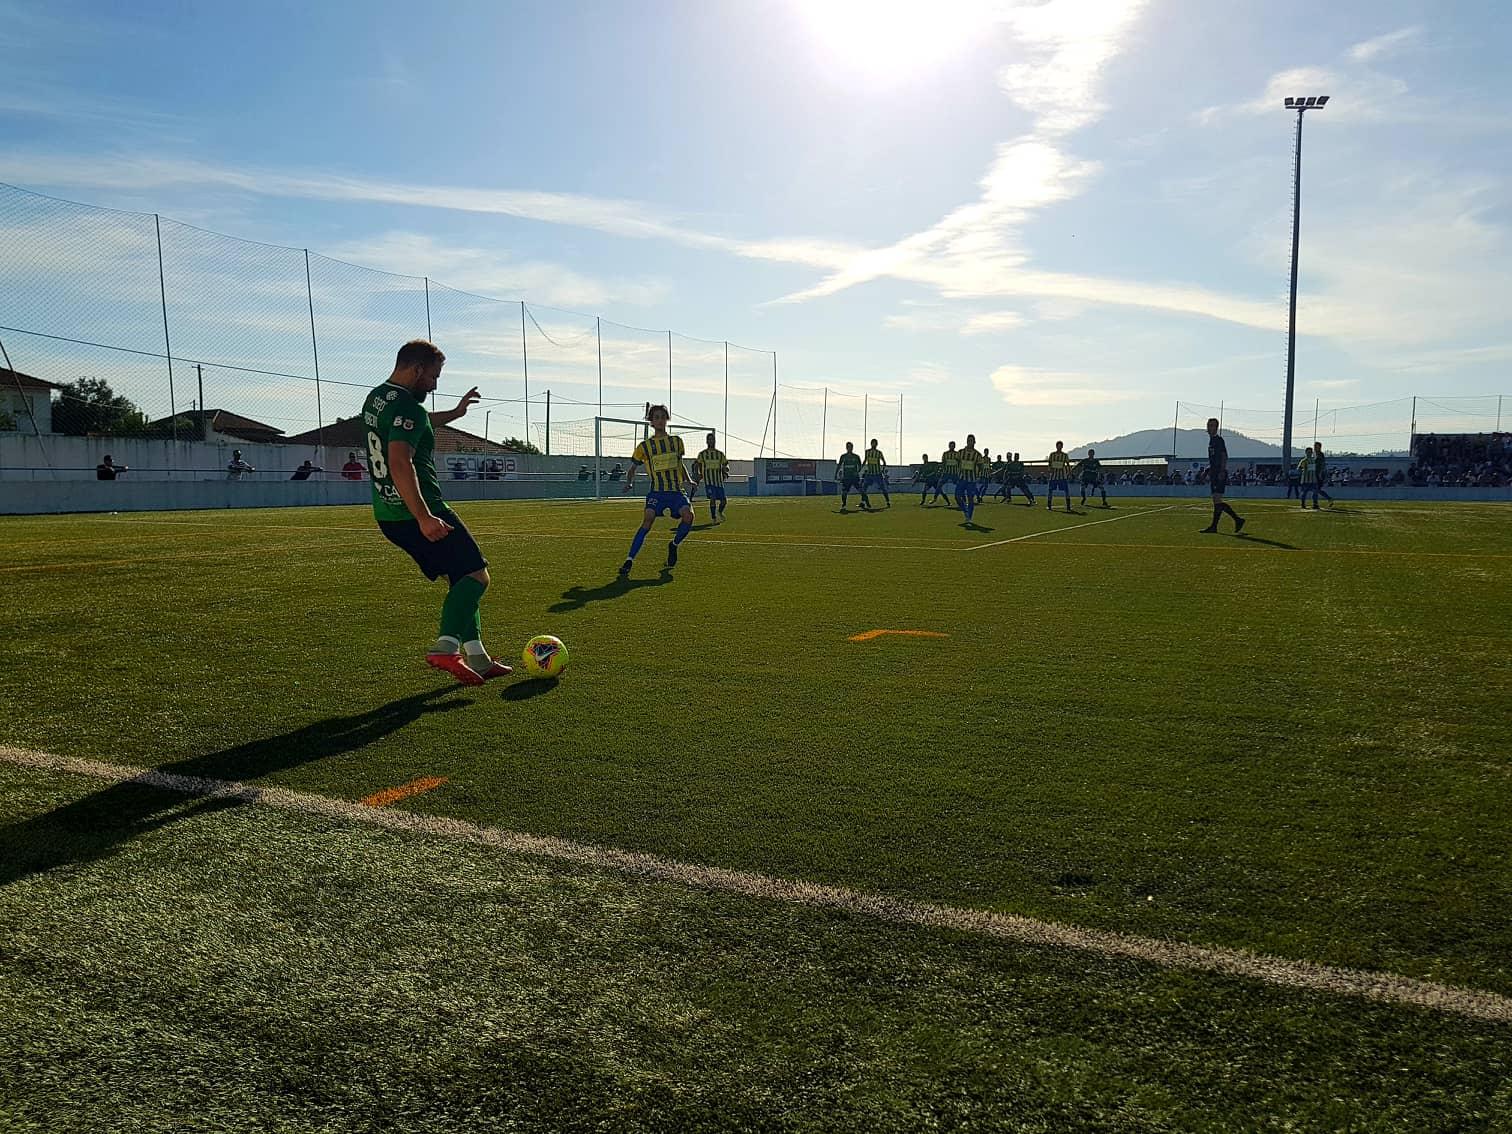 Futebol: Vianense e Cardielense empatam e continuam a repartir a liderança na 1ª divisão distrital